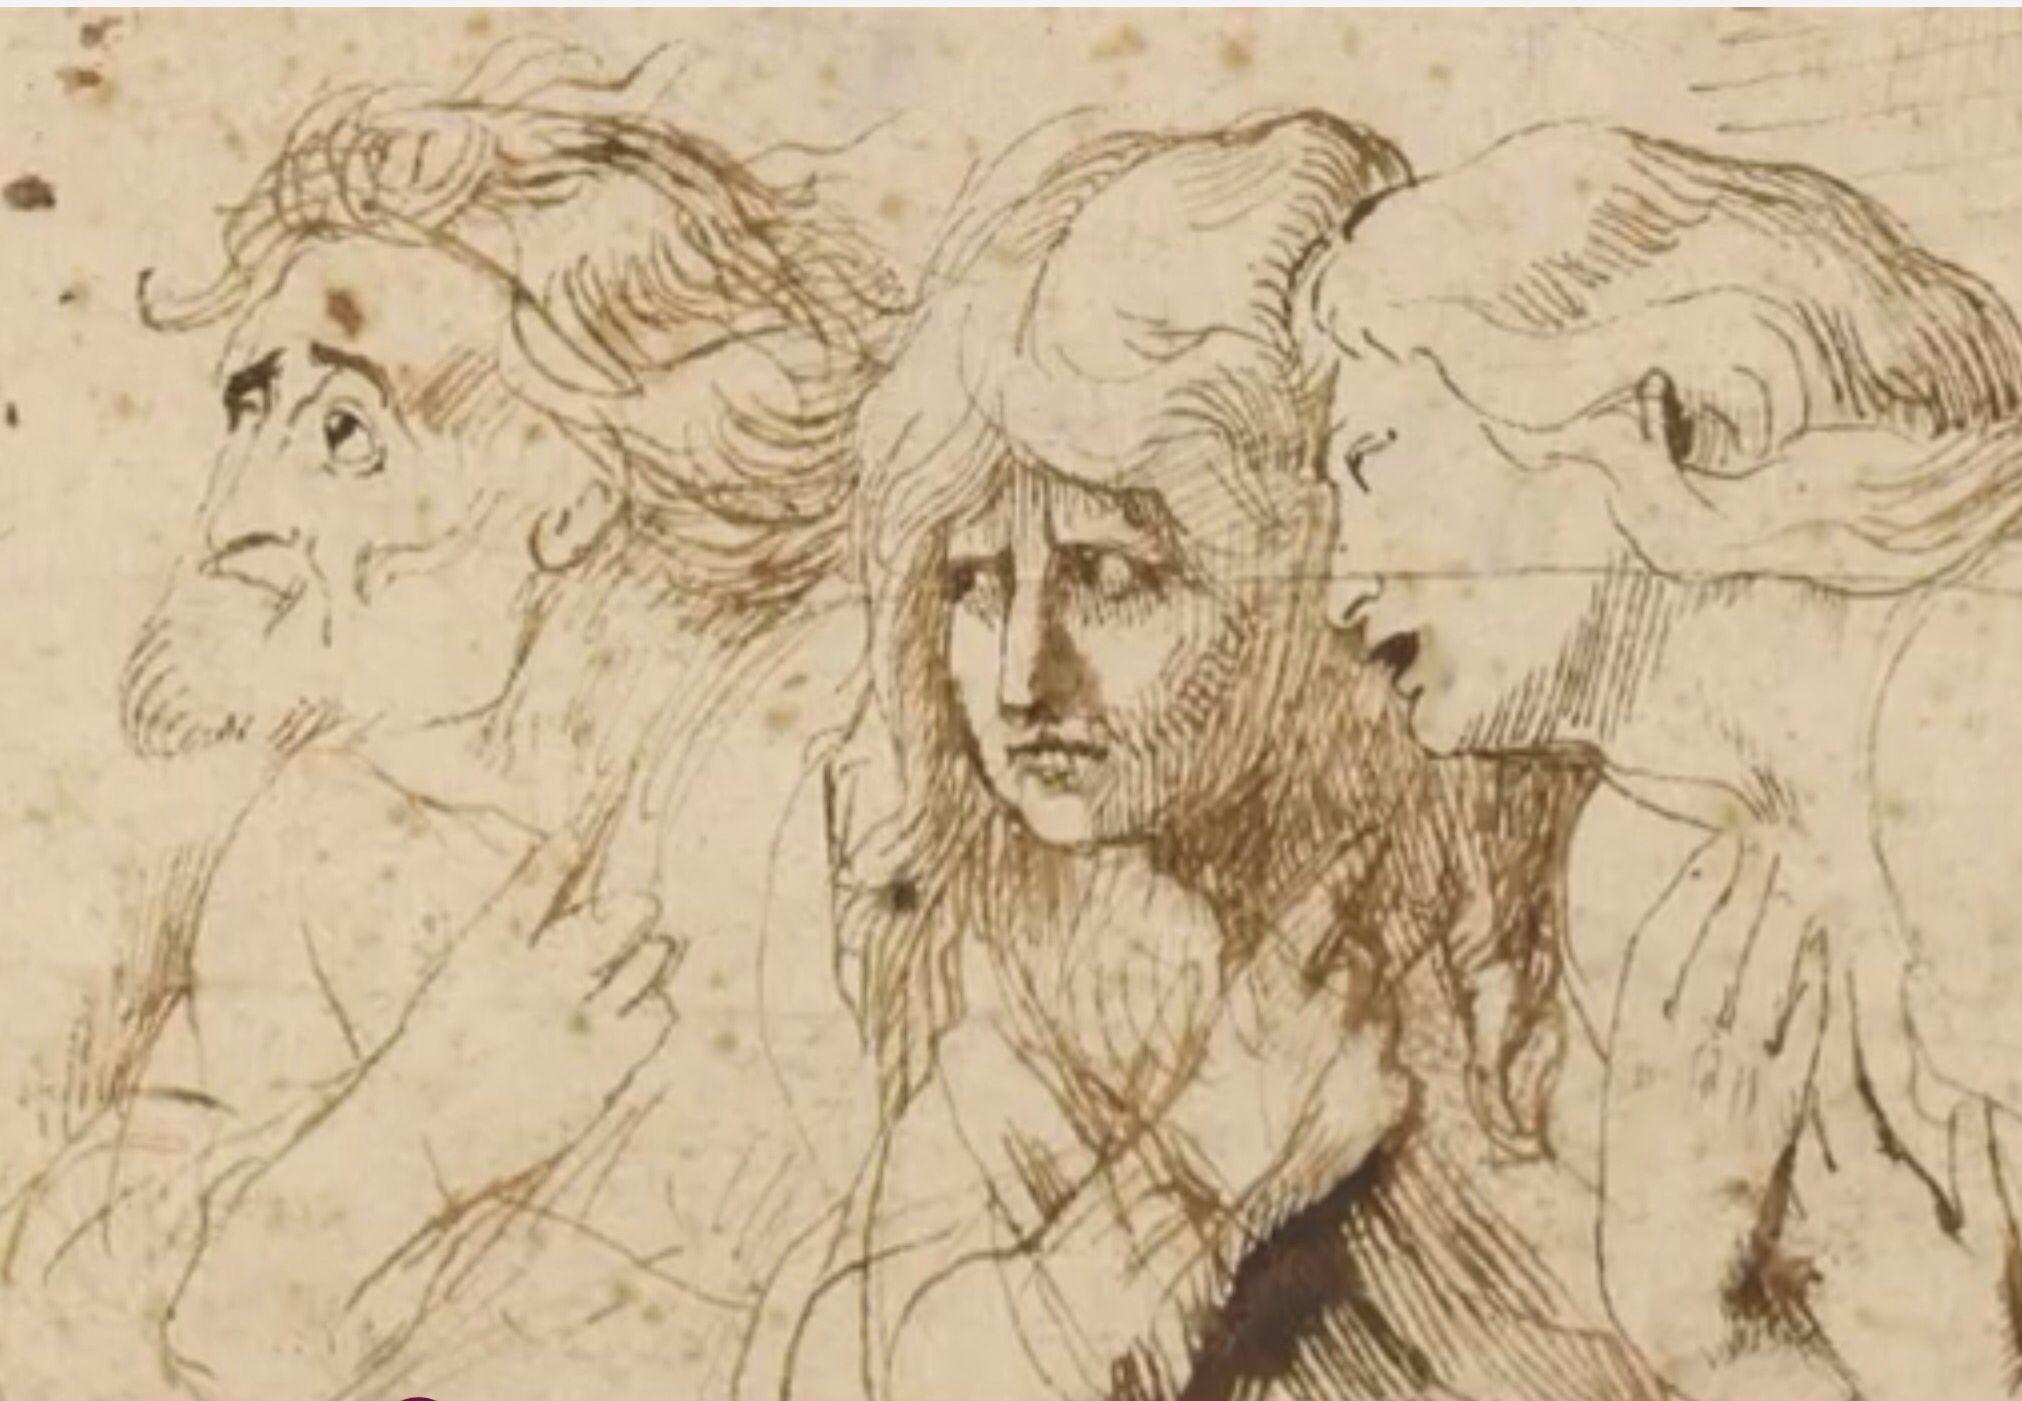 """RUBENS Rubensestudióa muchos artistas buscando aprender distintas cosas de cada uno de ellos. Su principal fuente de inspiración para pintar expresiones fue""""La última cena"""" deLeonardo daVinci."""